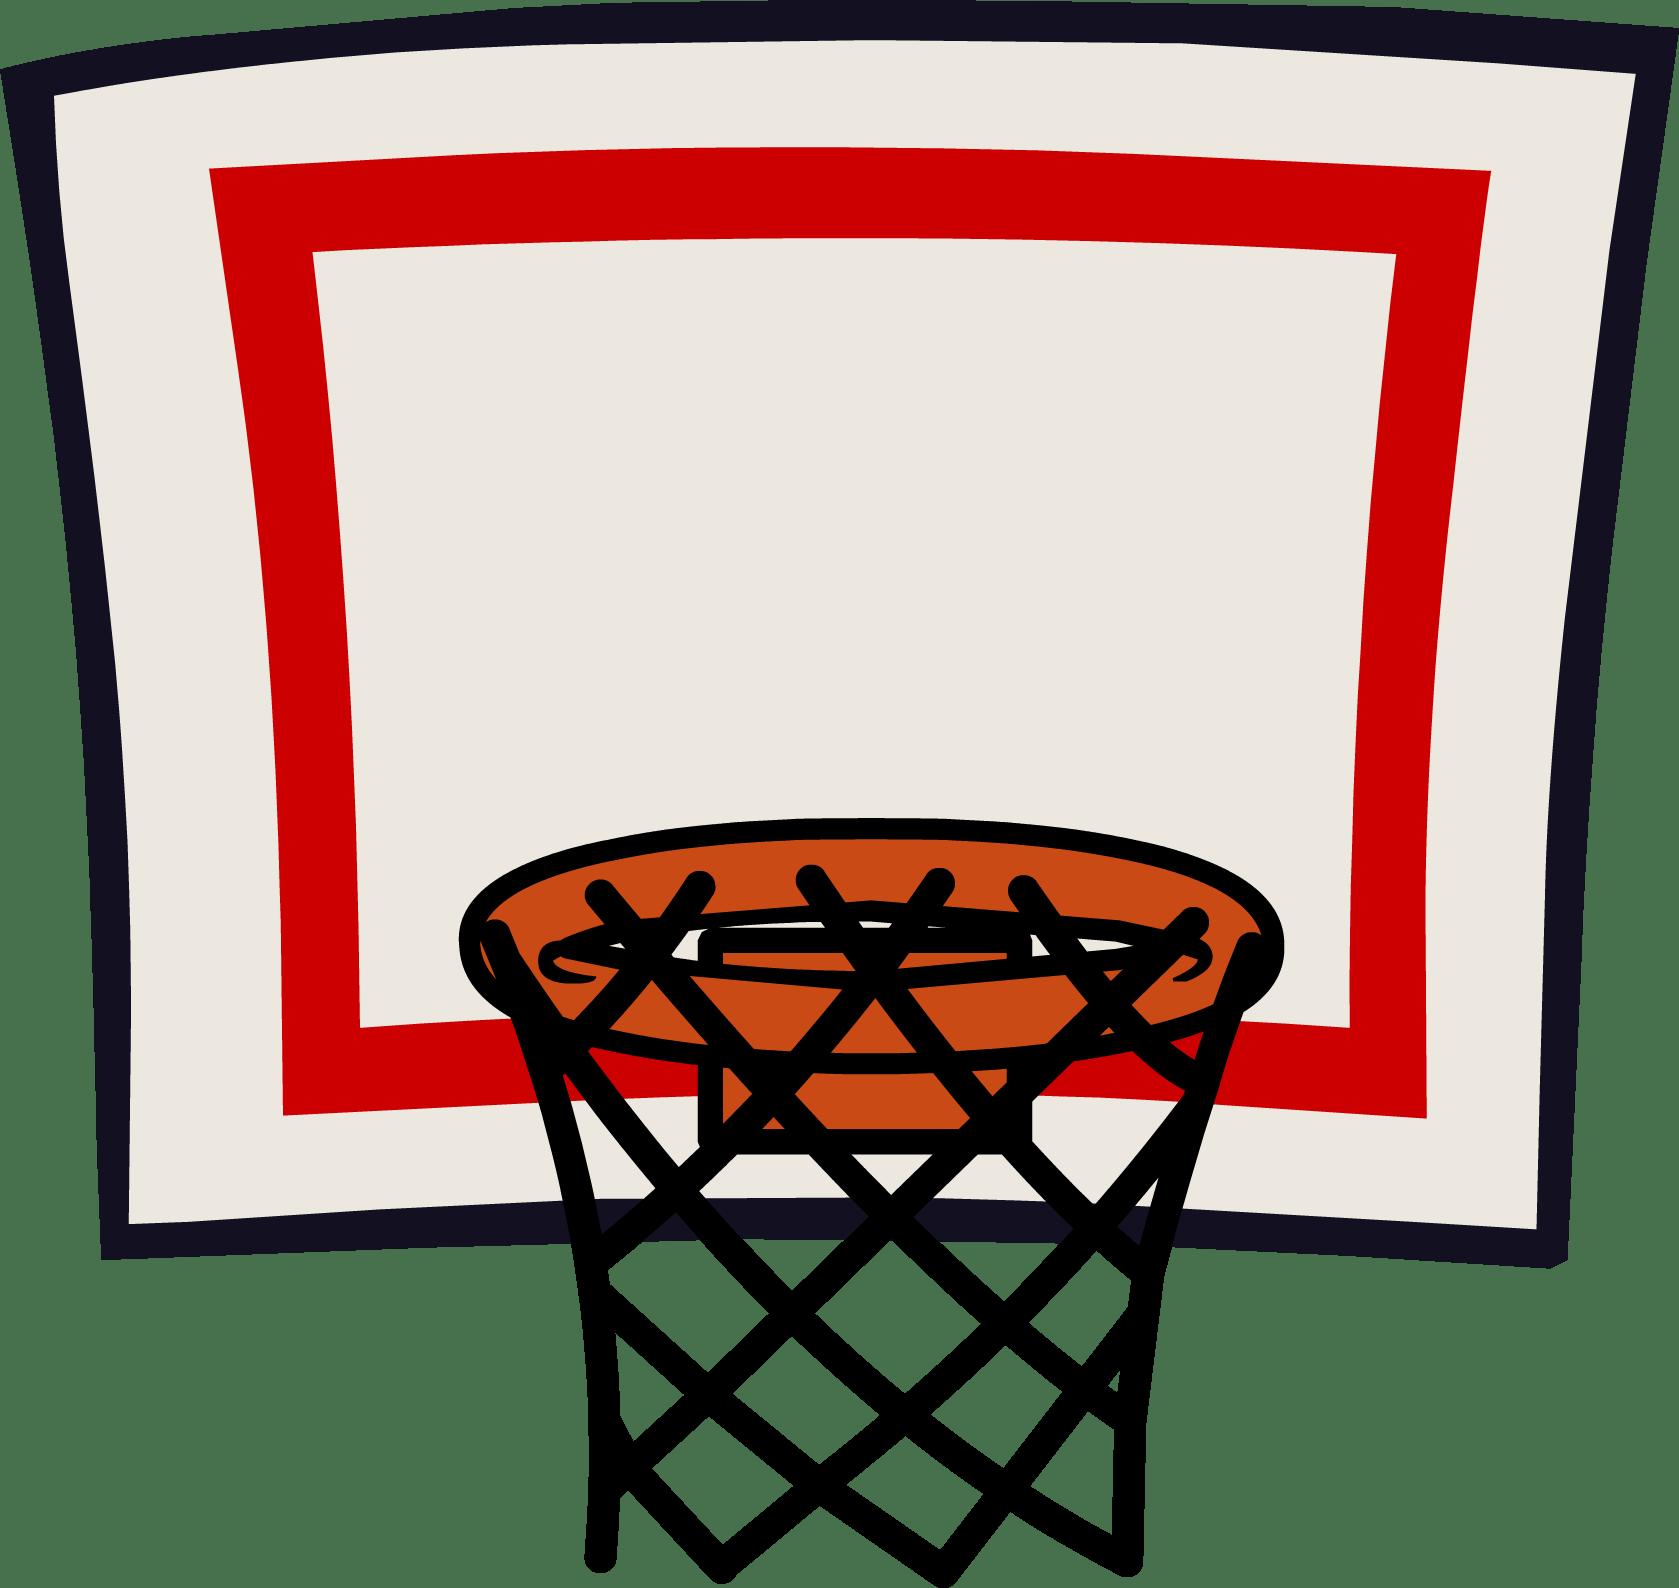 1679x1588 Basket Clipart Basketball Hoop